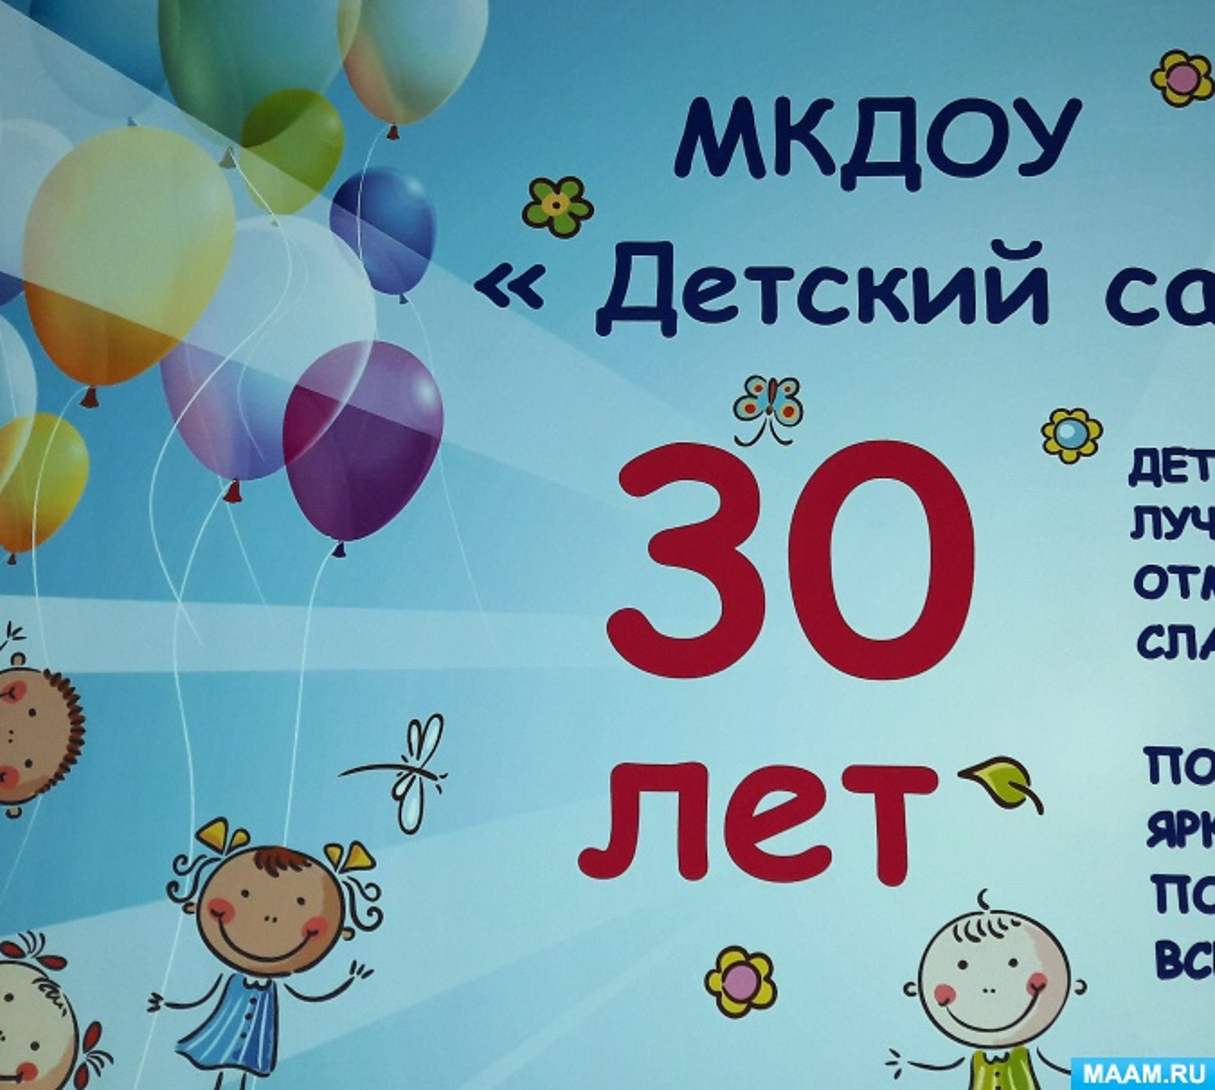 Открытки с юбилеем детского сада 30 лет, для